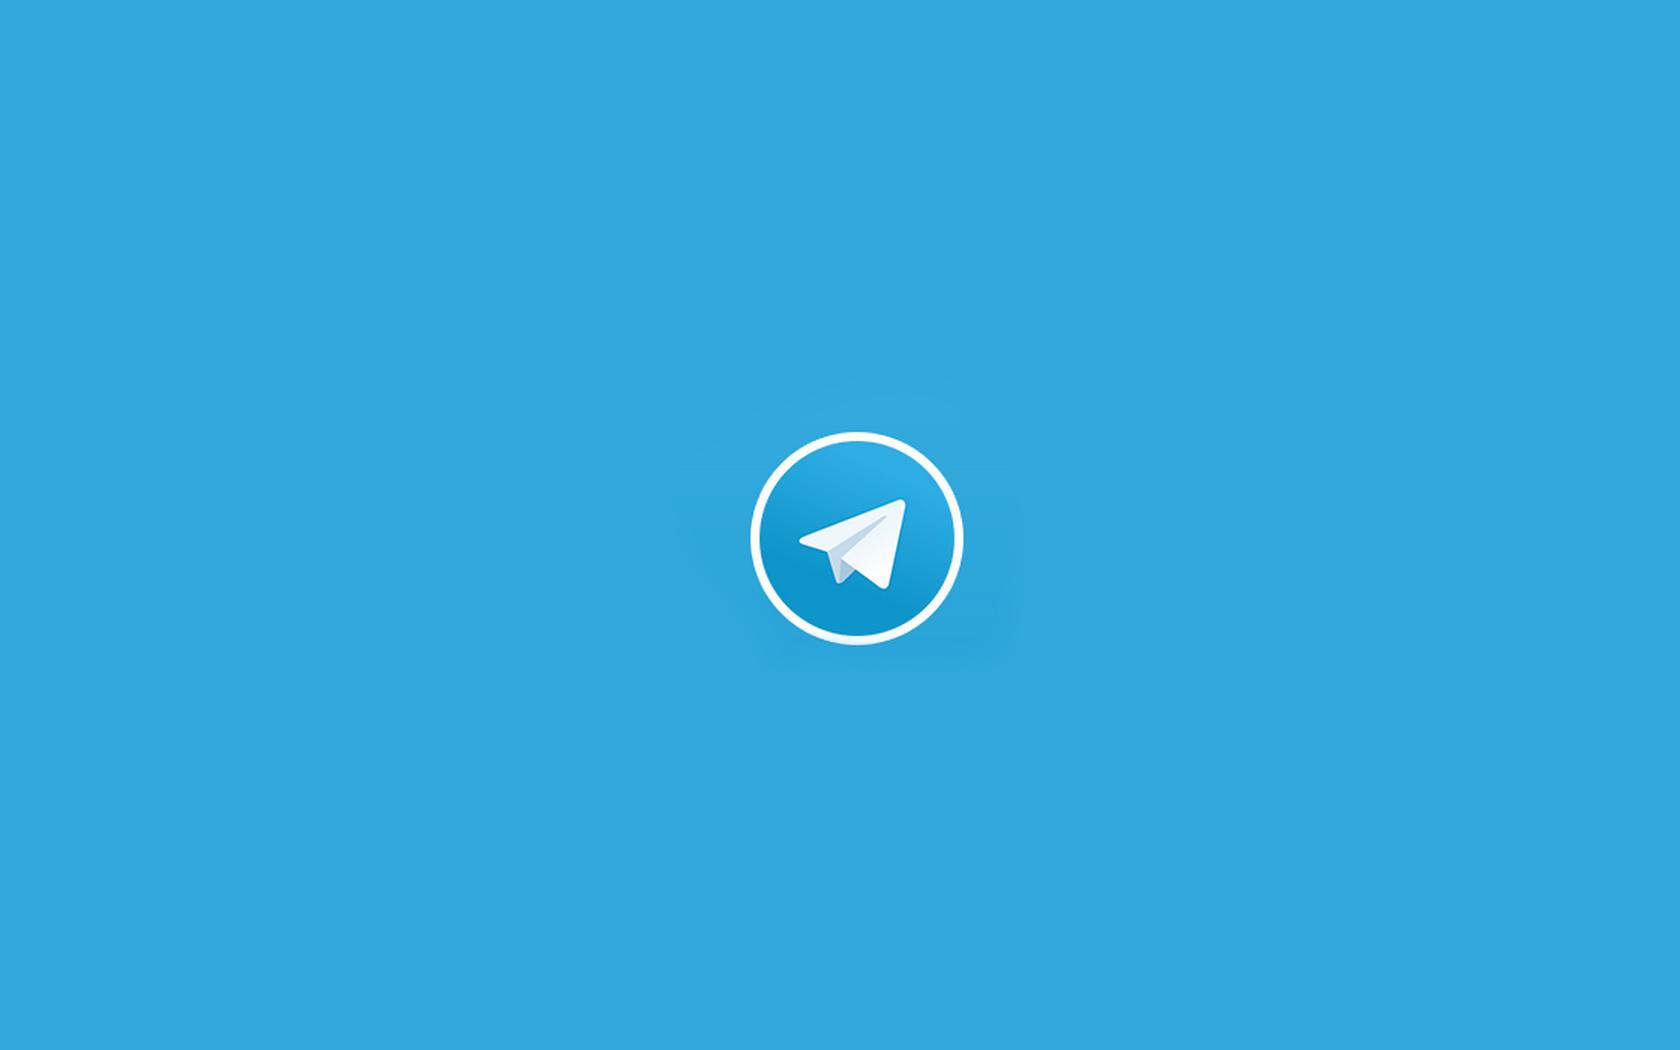 Sempre più giornali online usano Telegram